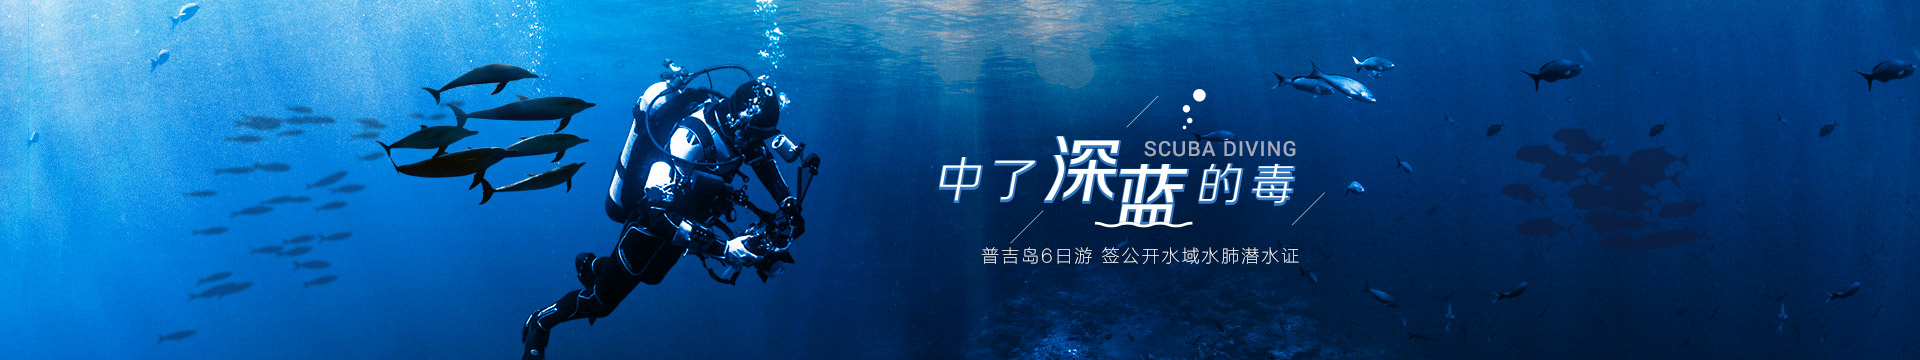 中了深海的毒